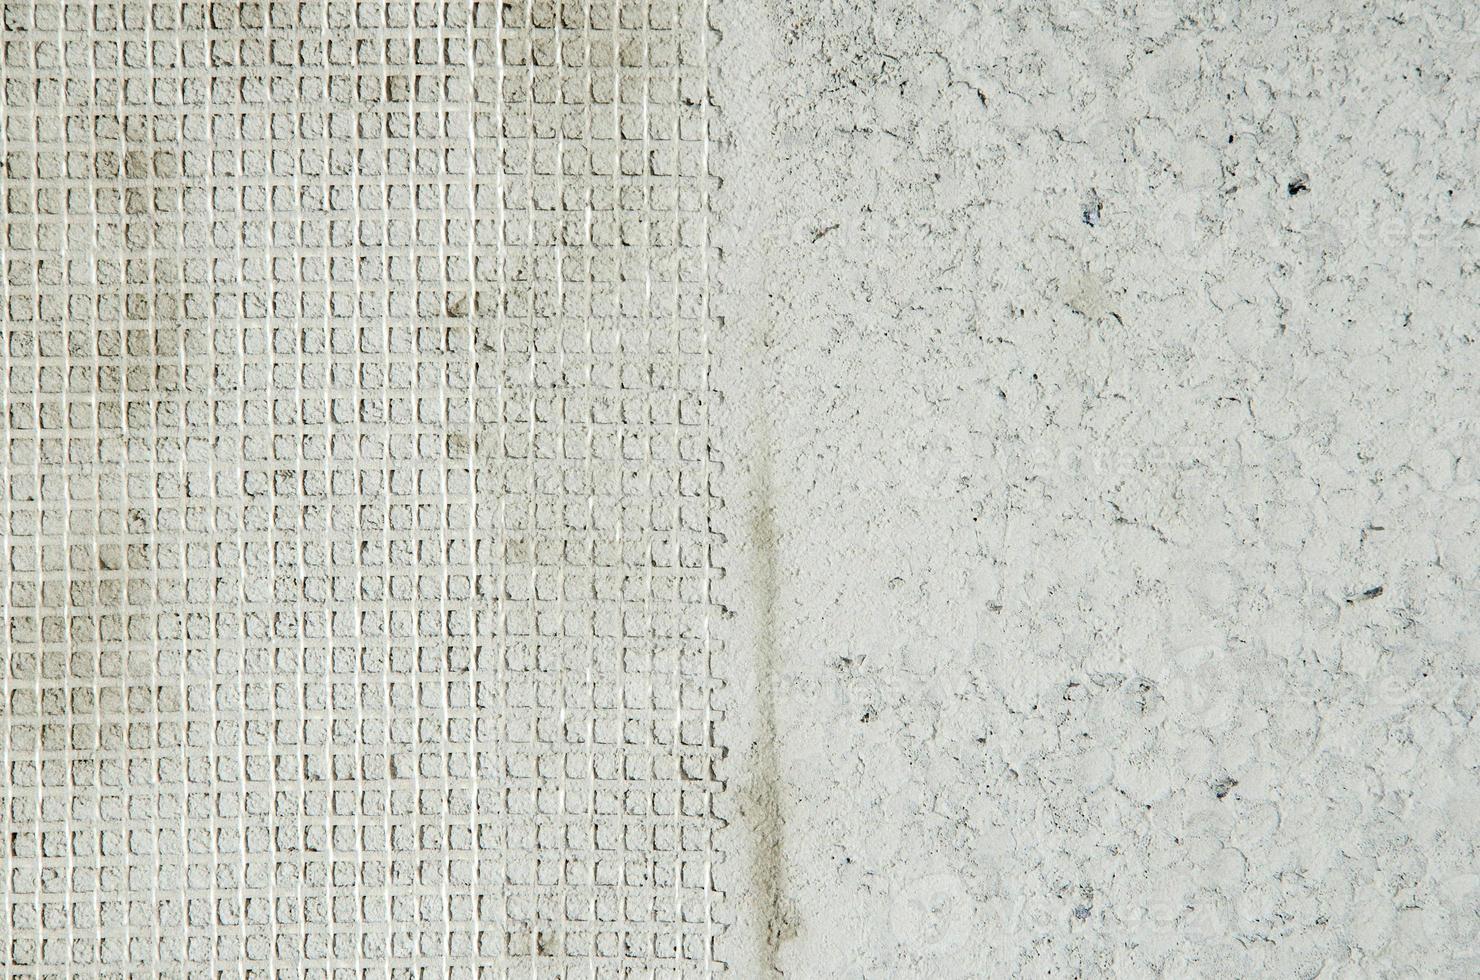 twee soorten muur textuur. foto